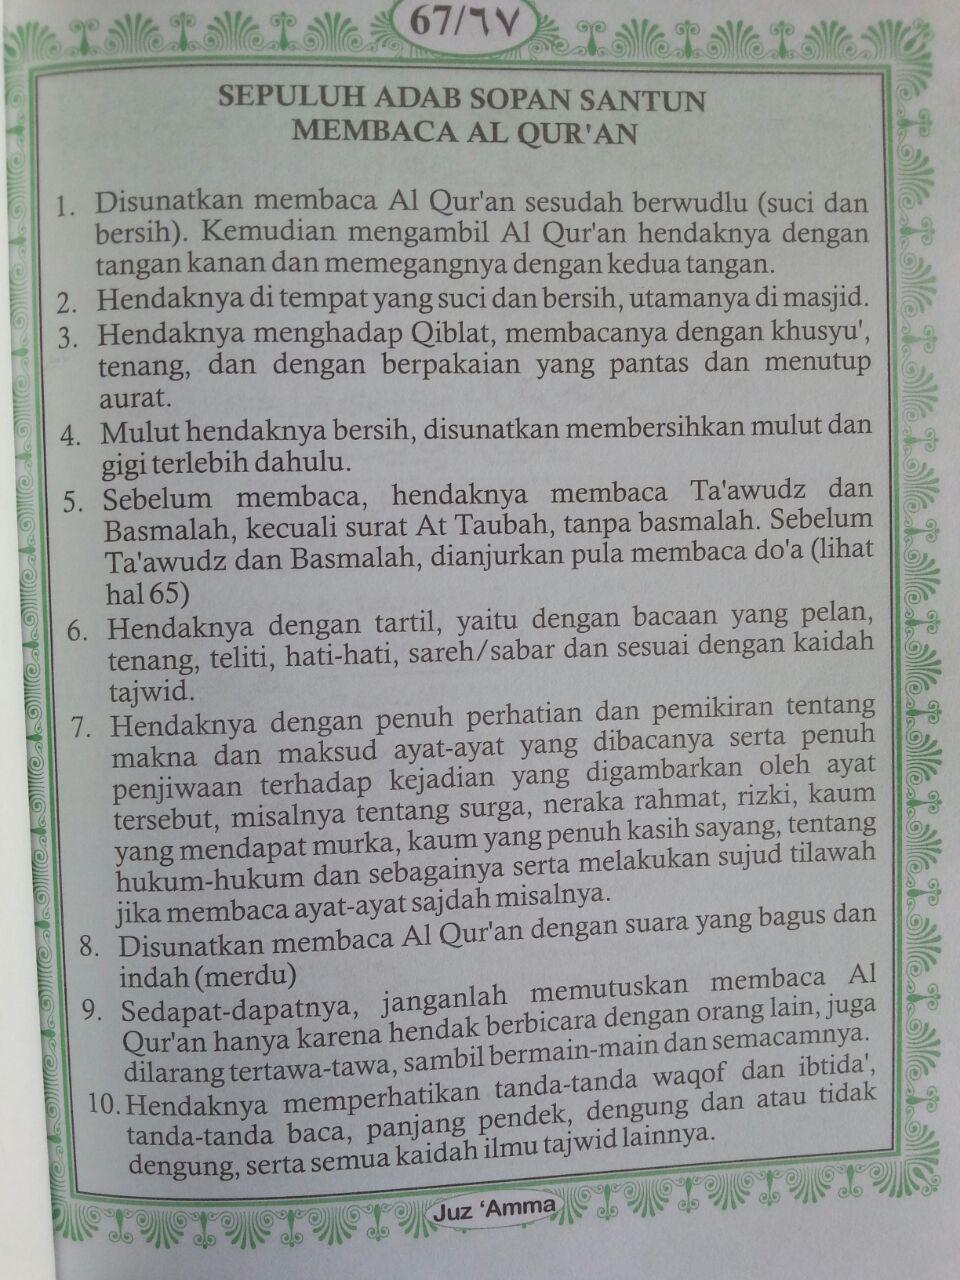 Buku Iqro Cara Cepat Belajar Membaca Al-Quran Plus Juz Amma Terjemah 2 Warna isi